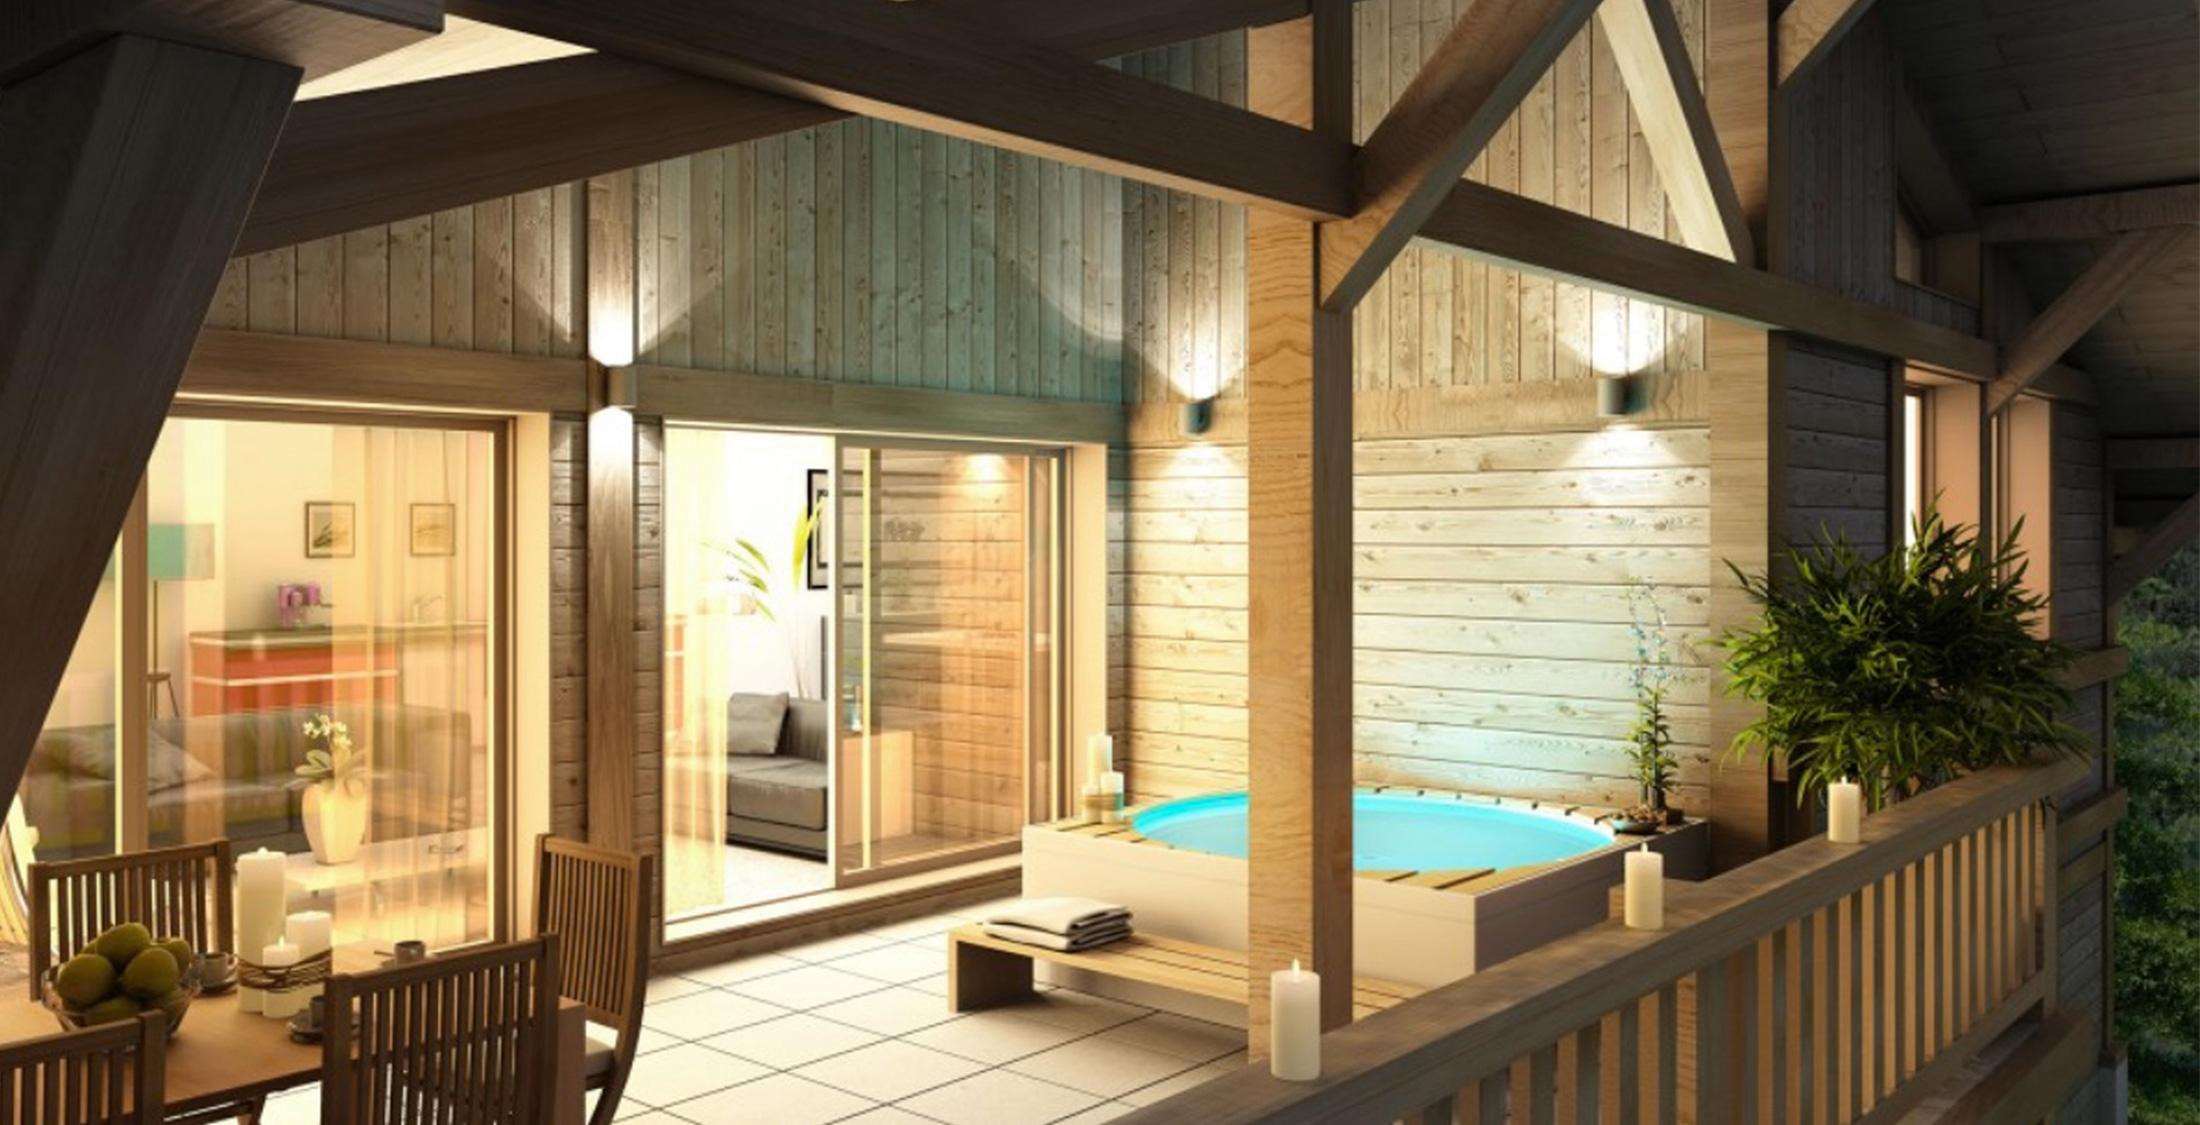 Plan pour maison ossature bois Annecy, Chambéry, Grenoble -Savoie Plan